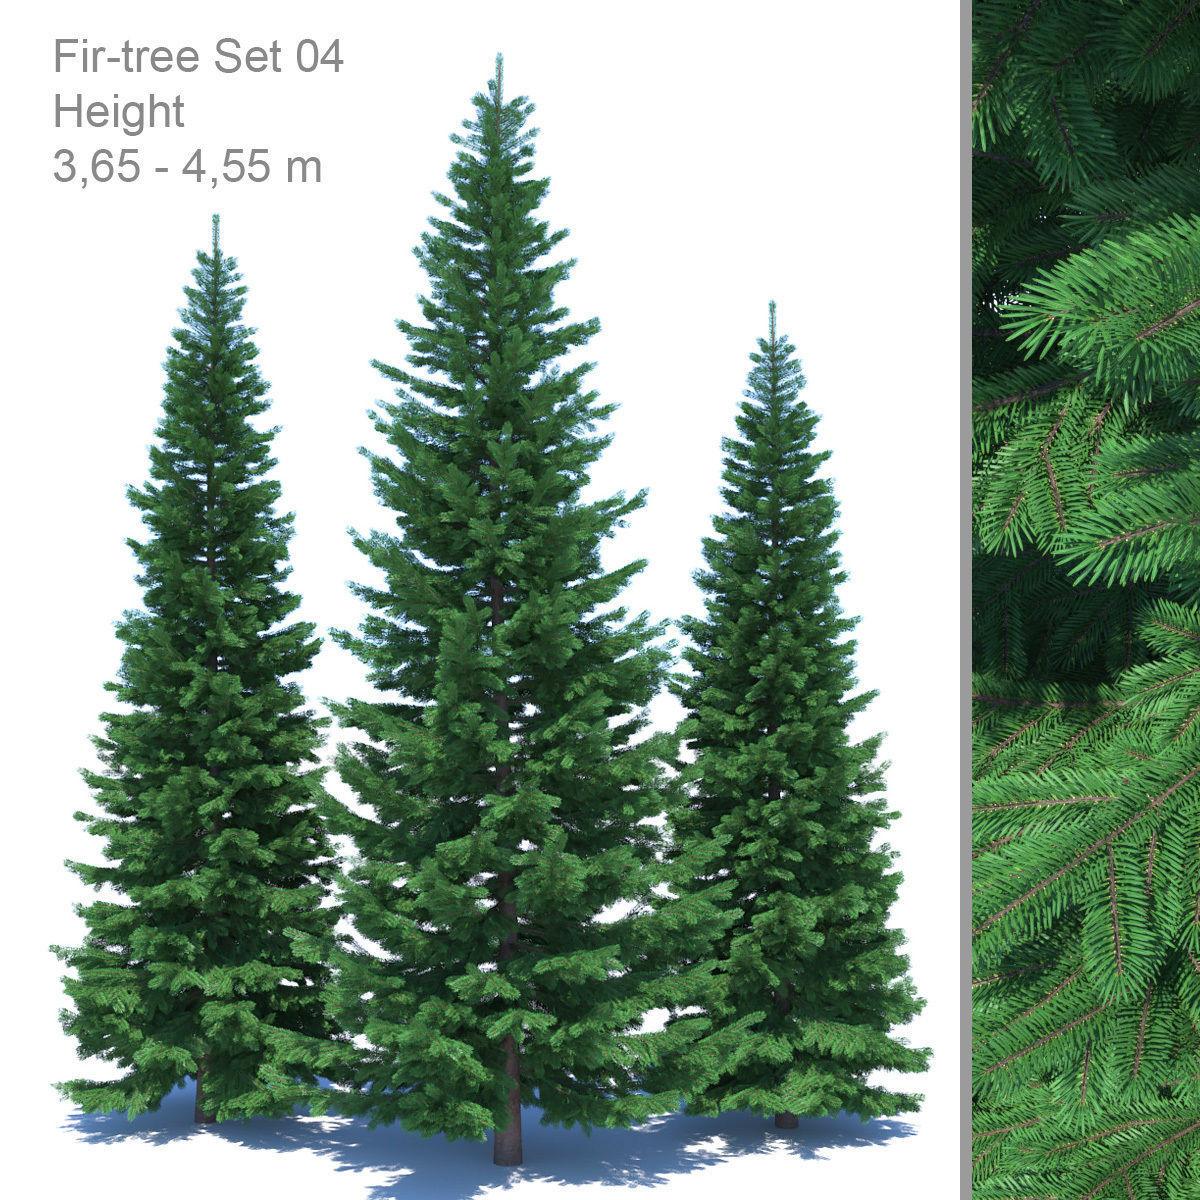 Fir-tree Set 04